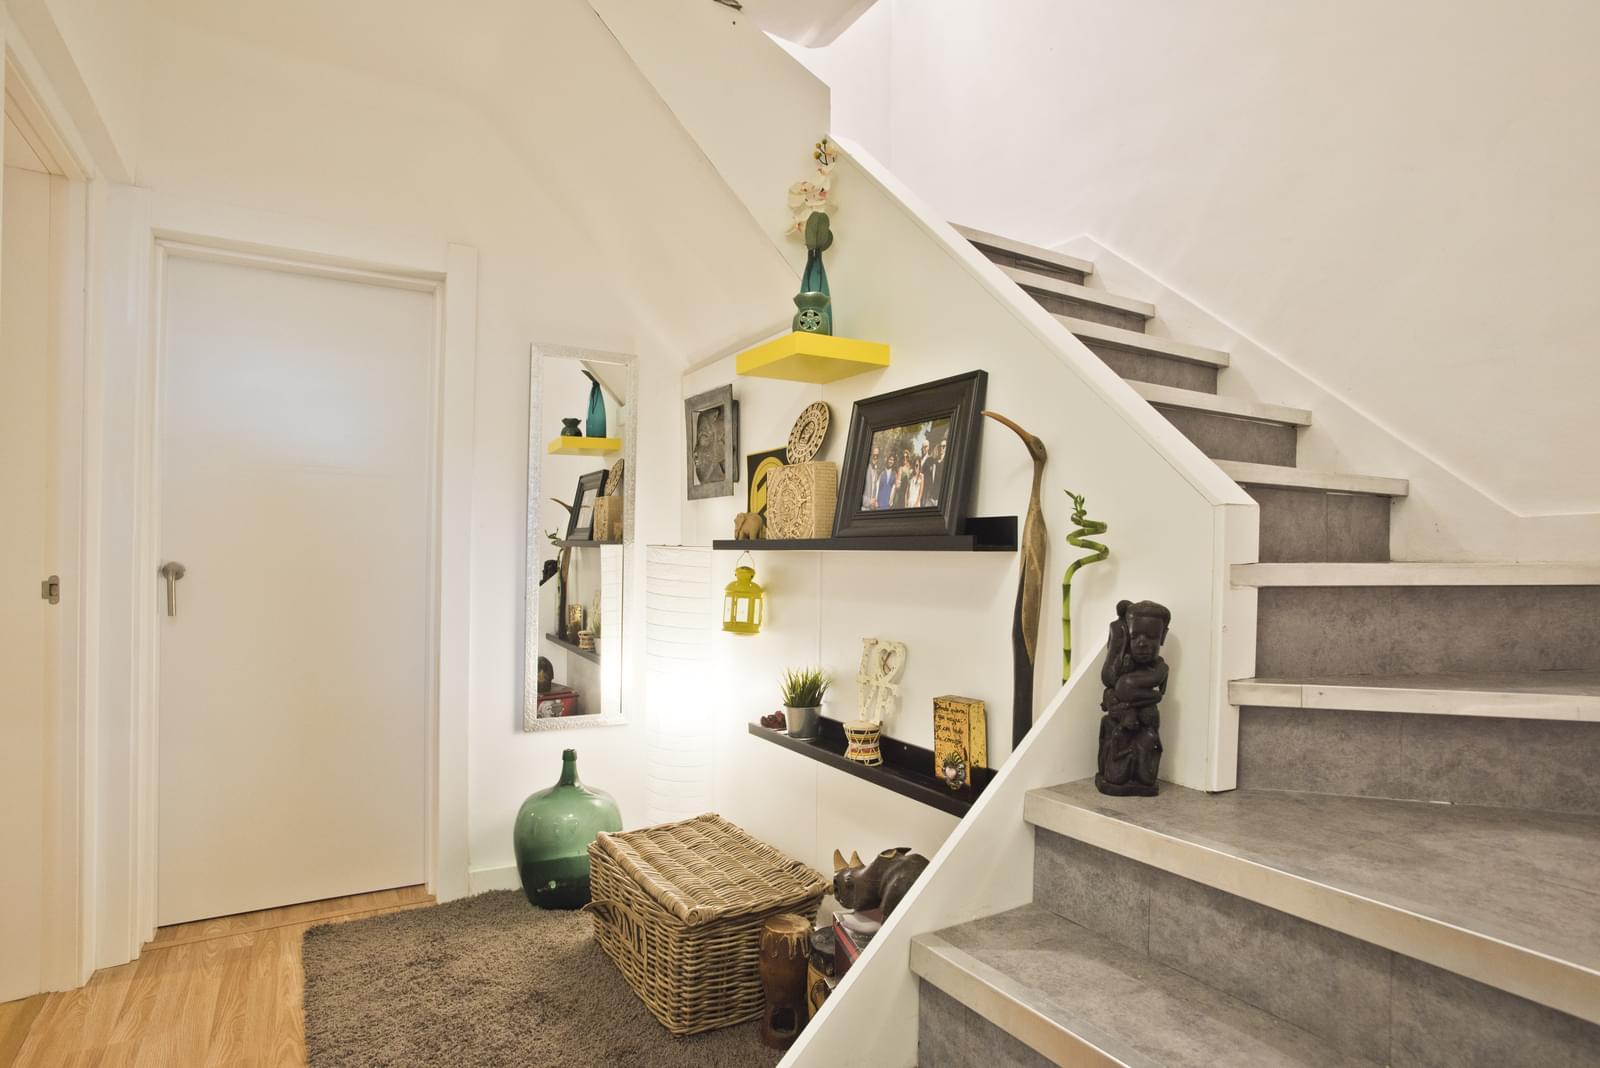 pf17010-apartamento-t4-cascais-32142eff-6220-40ff-a5d7-e78e45c76c36